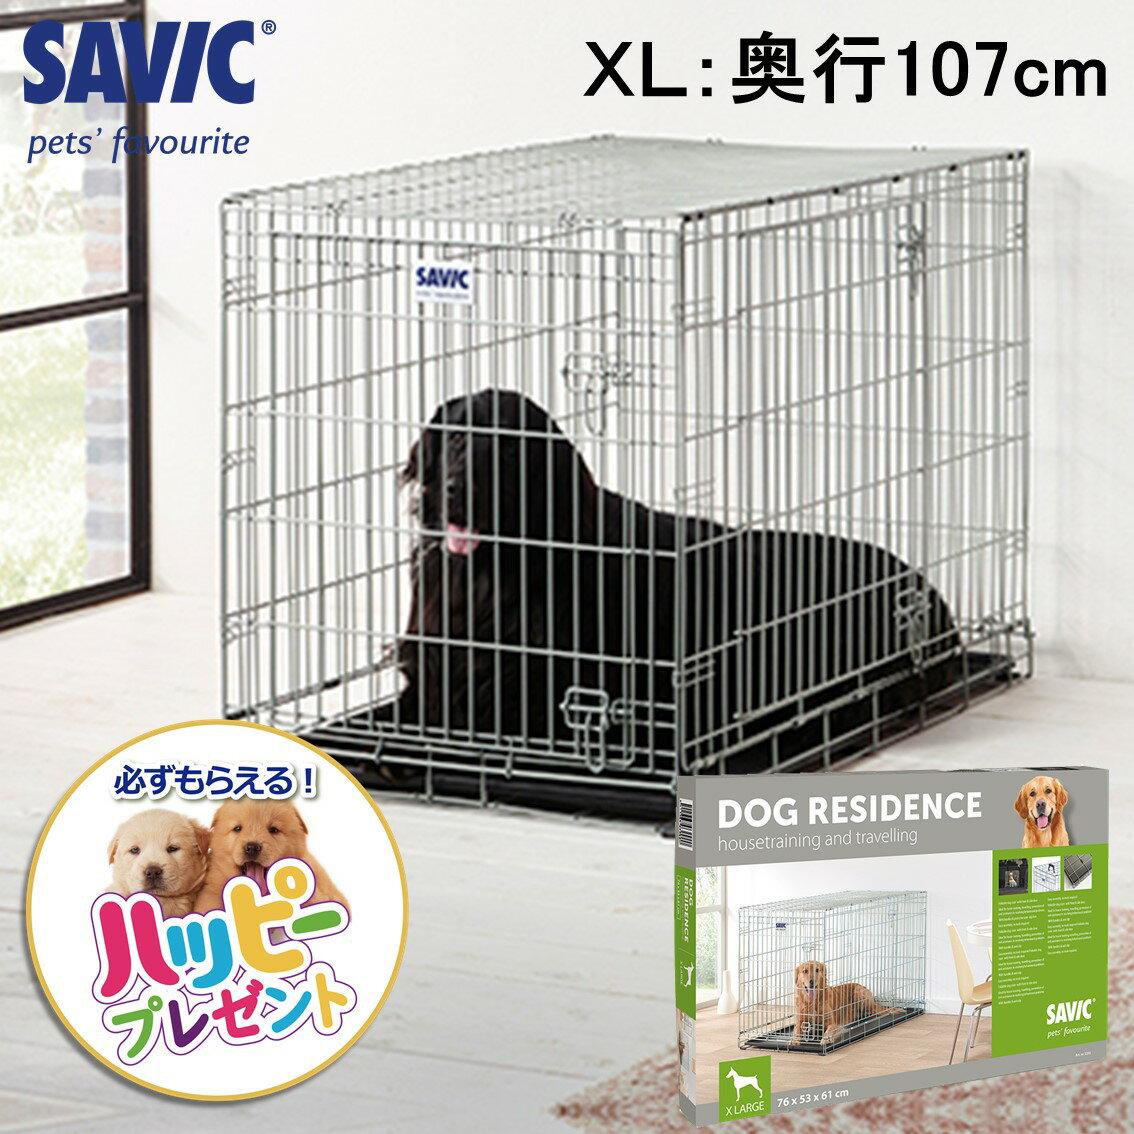 【プレゼントキャンペーン実施中!】ケージ大型犬ペットケージ折りたたみ2ドアSAVICドッグレジデンスXL107cm